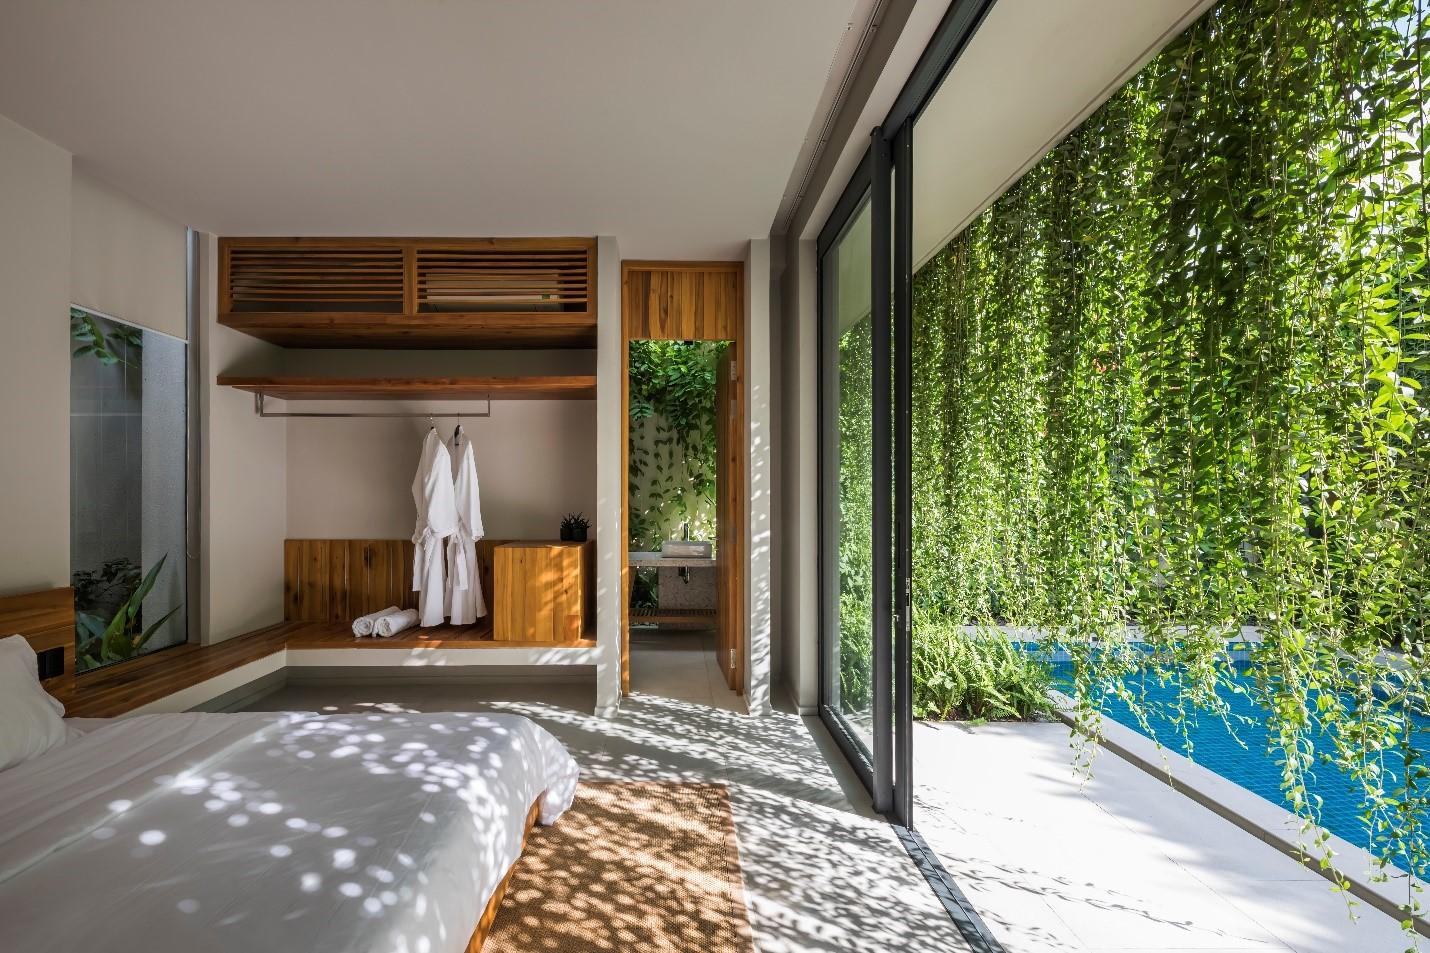 Sở hữu kiến trúc go green nổi bật và khác biệt, Wyndham Phú Quốc mang đến trải nghiệm hoà mình cùng với thiên nhiên. Ảnh: Nam Group.